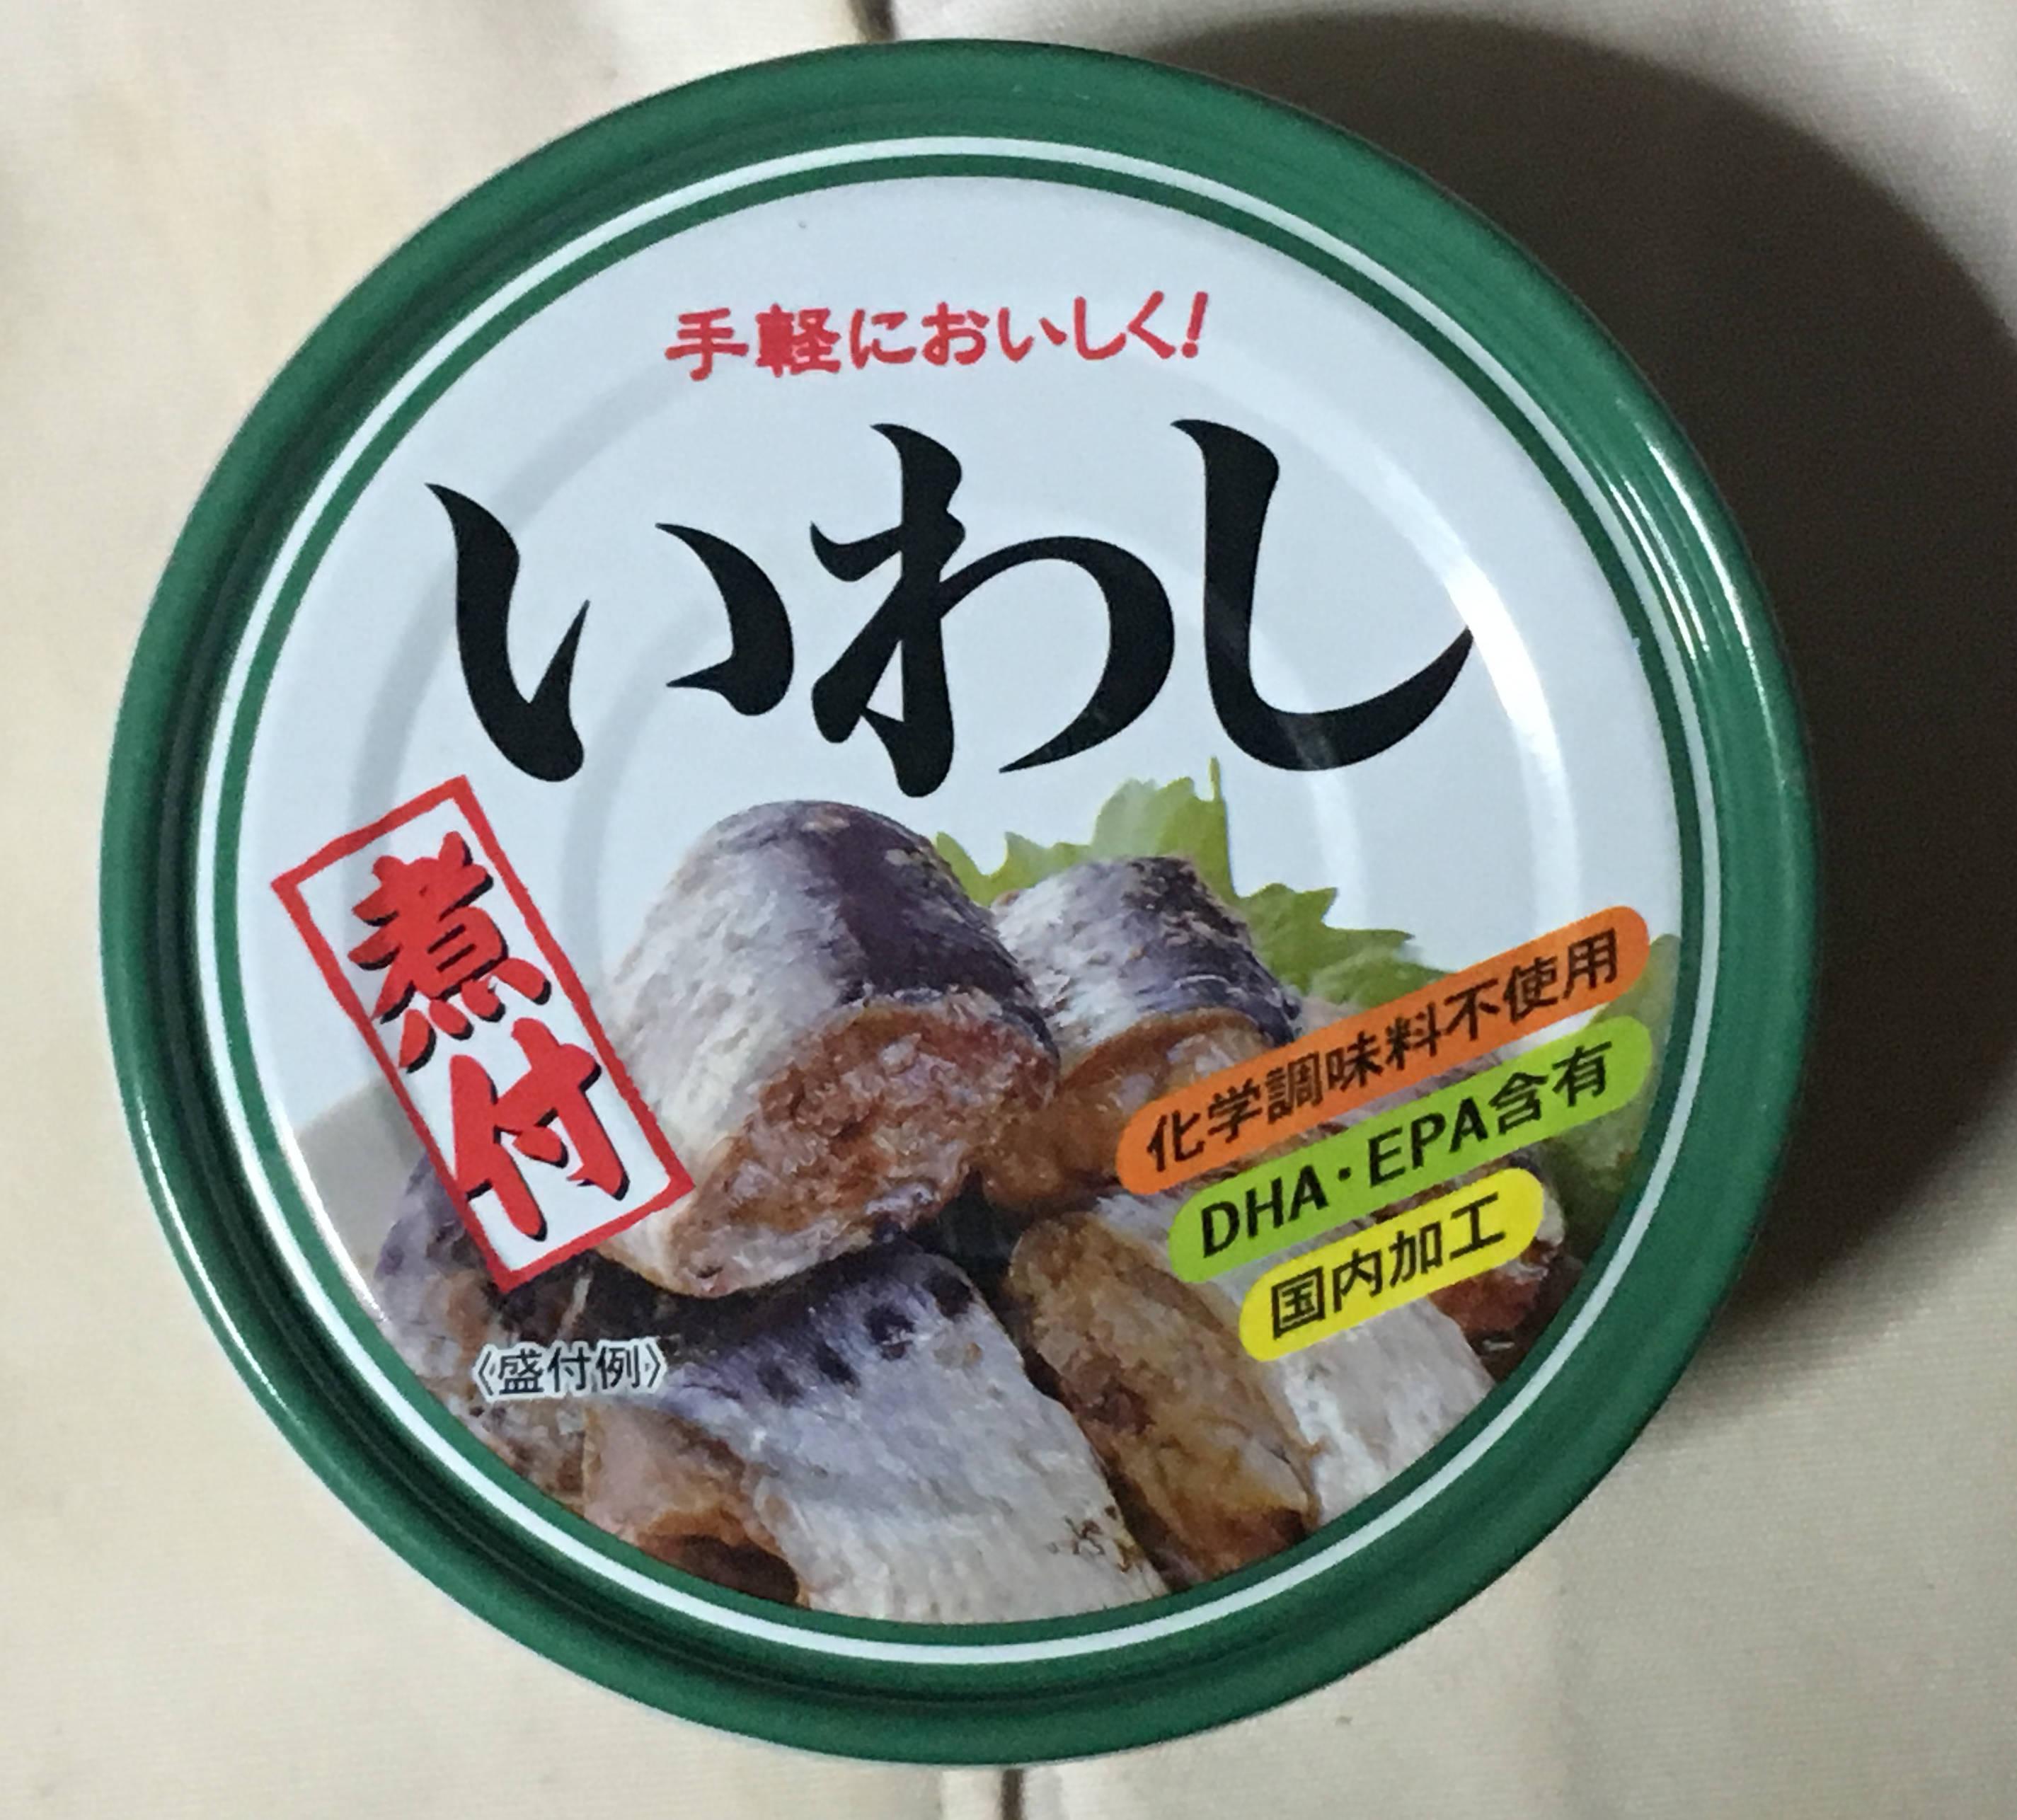 いわし煮付 缶詰 富永食品株式会社